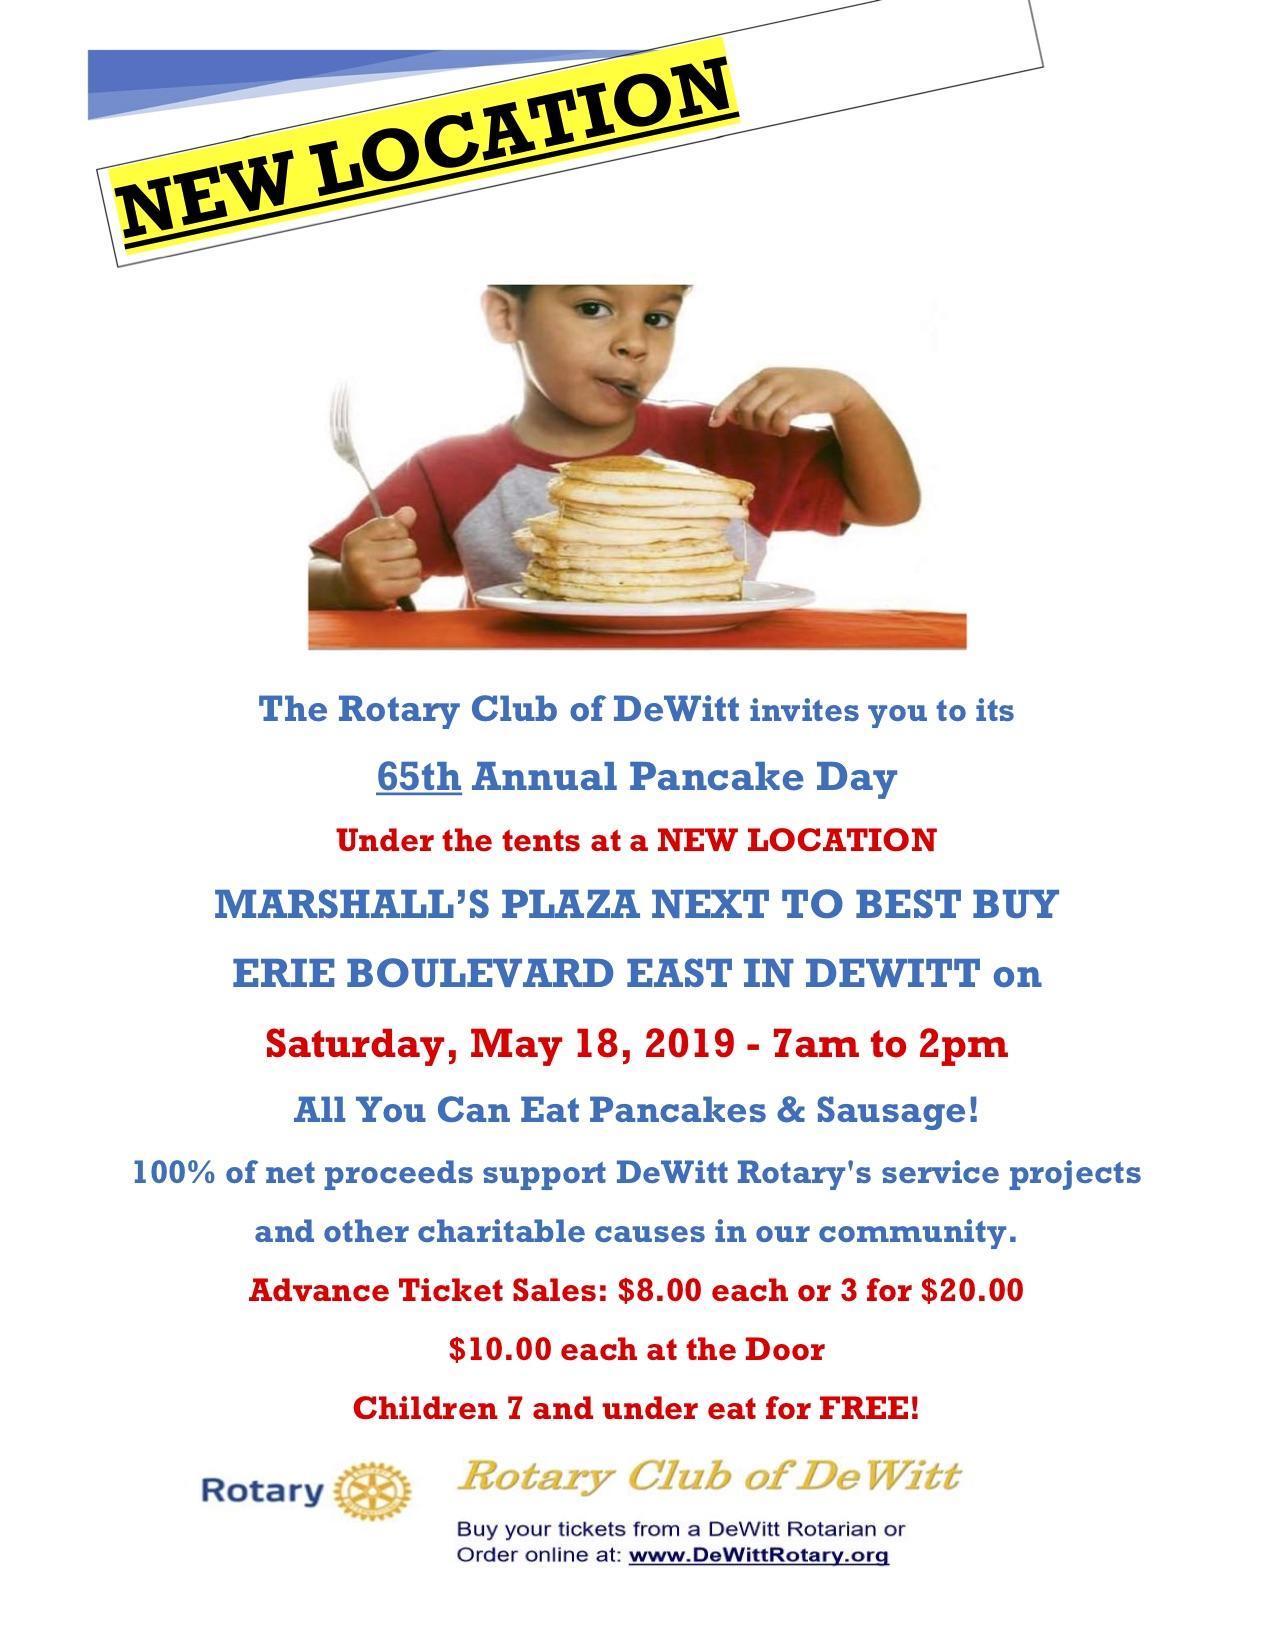 2019 Dewitt Rotary Pancake Day